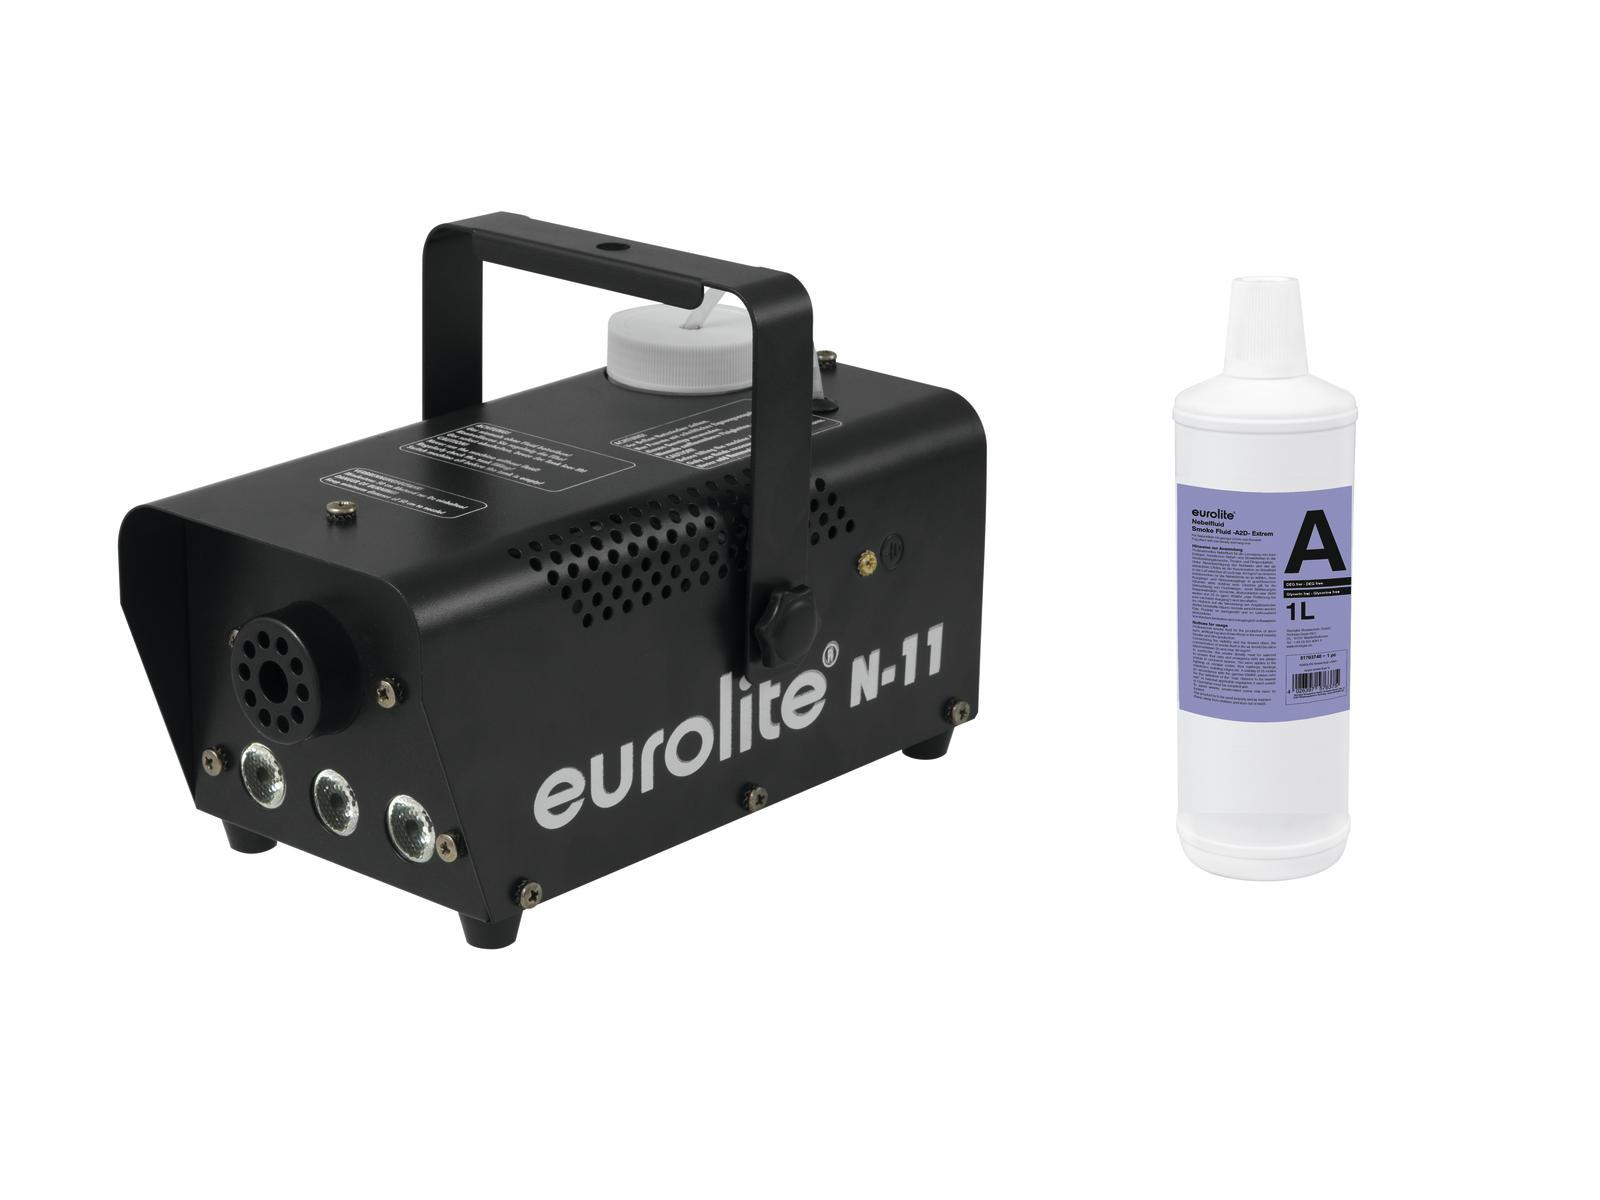 EUROLITE N Set-11 LED Hybrid ambra macchina della nebbia + A2D Azione con gusto e stan